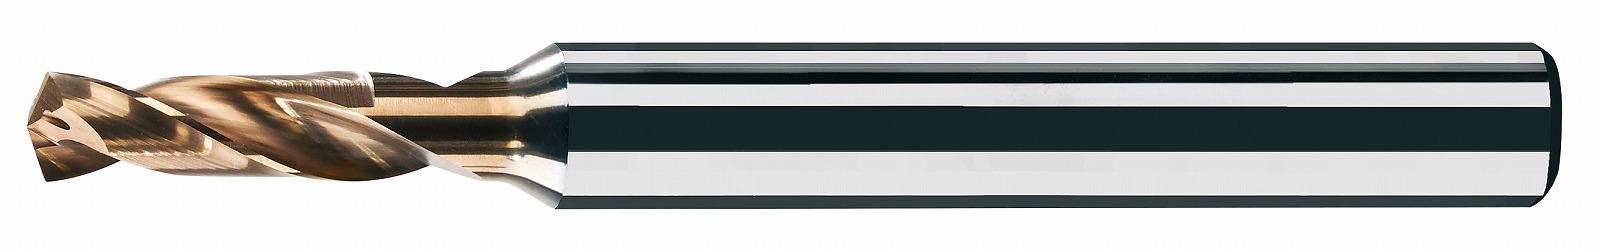 クーポン利用で最大1000円割引 50938-7.20 AlCrN超硬ドリルPHOENIX 超硬コーティングドリル[喜一工具]★